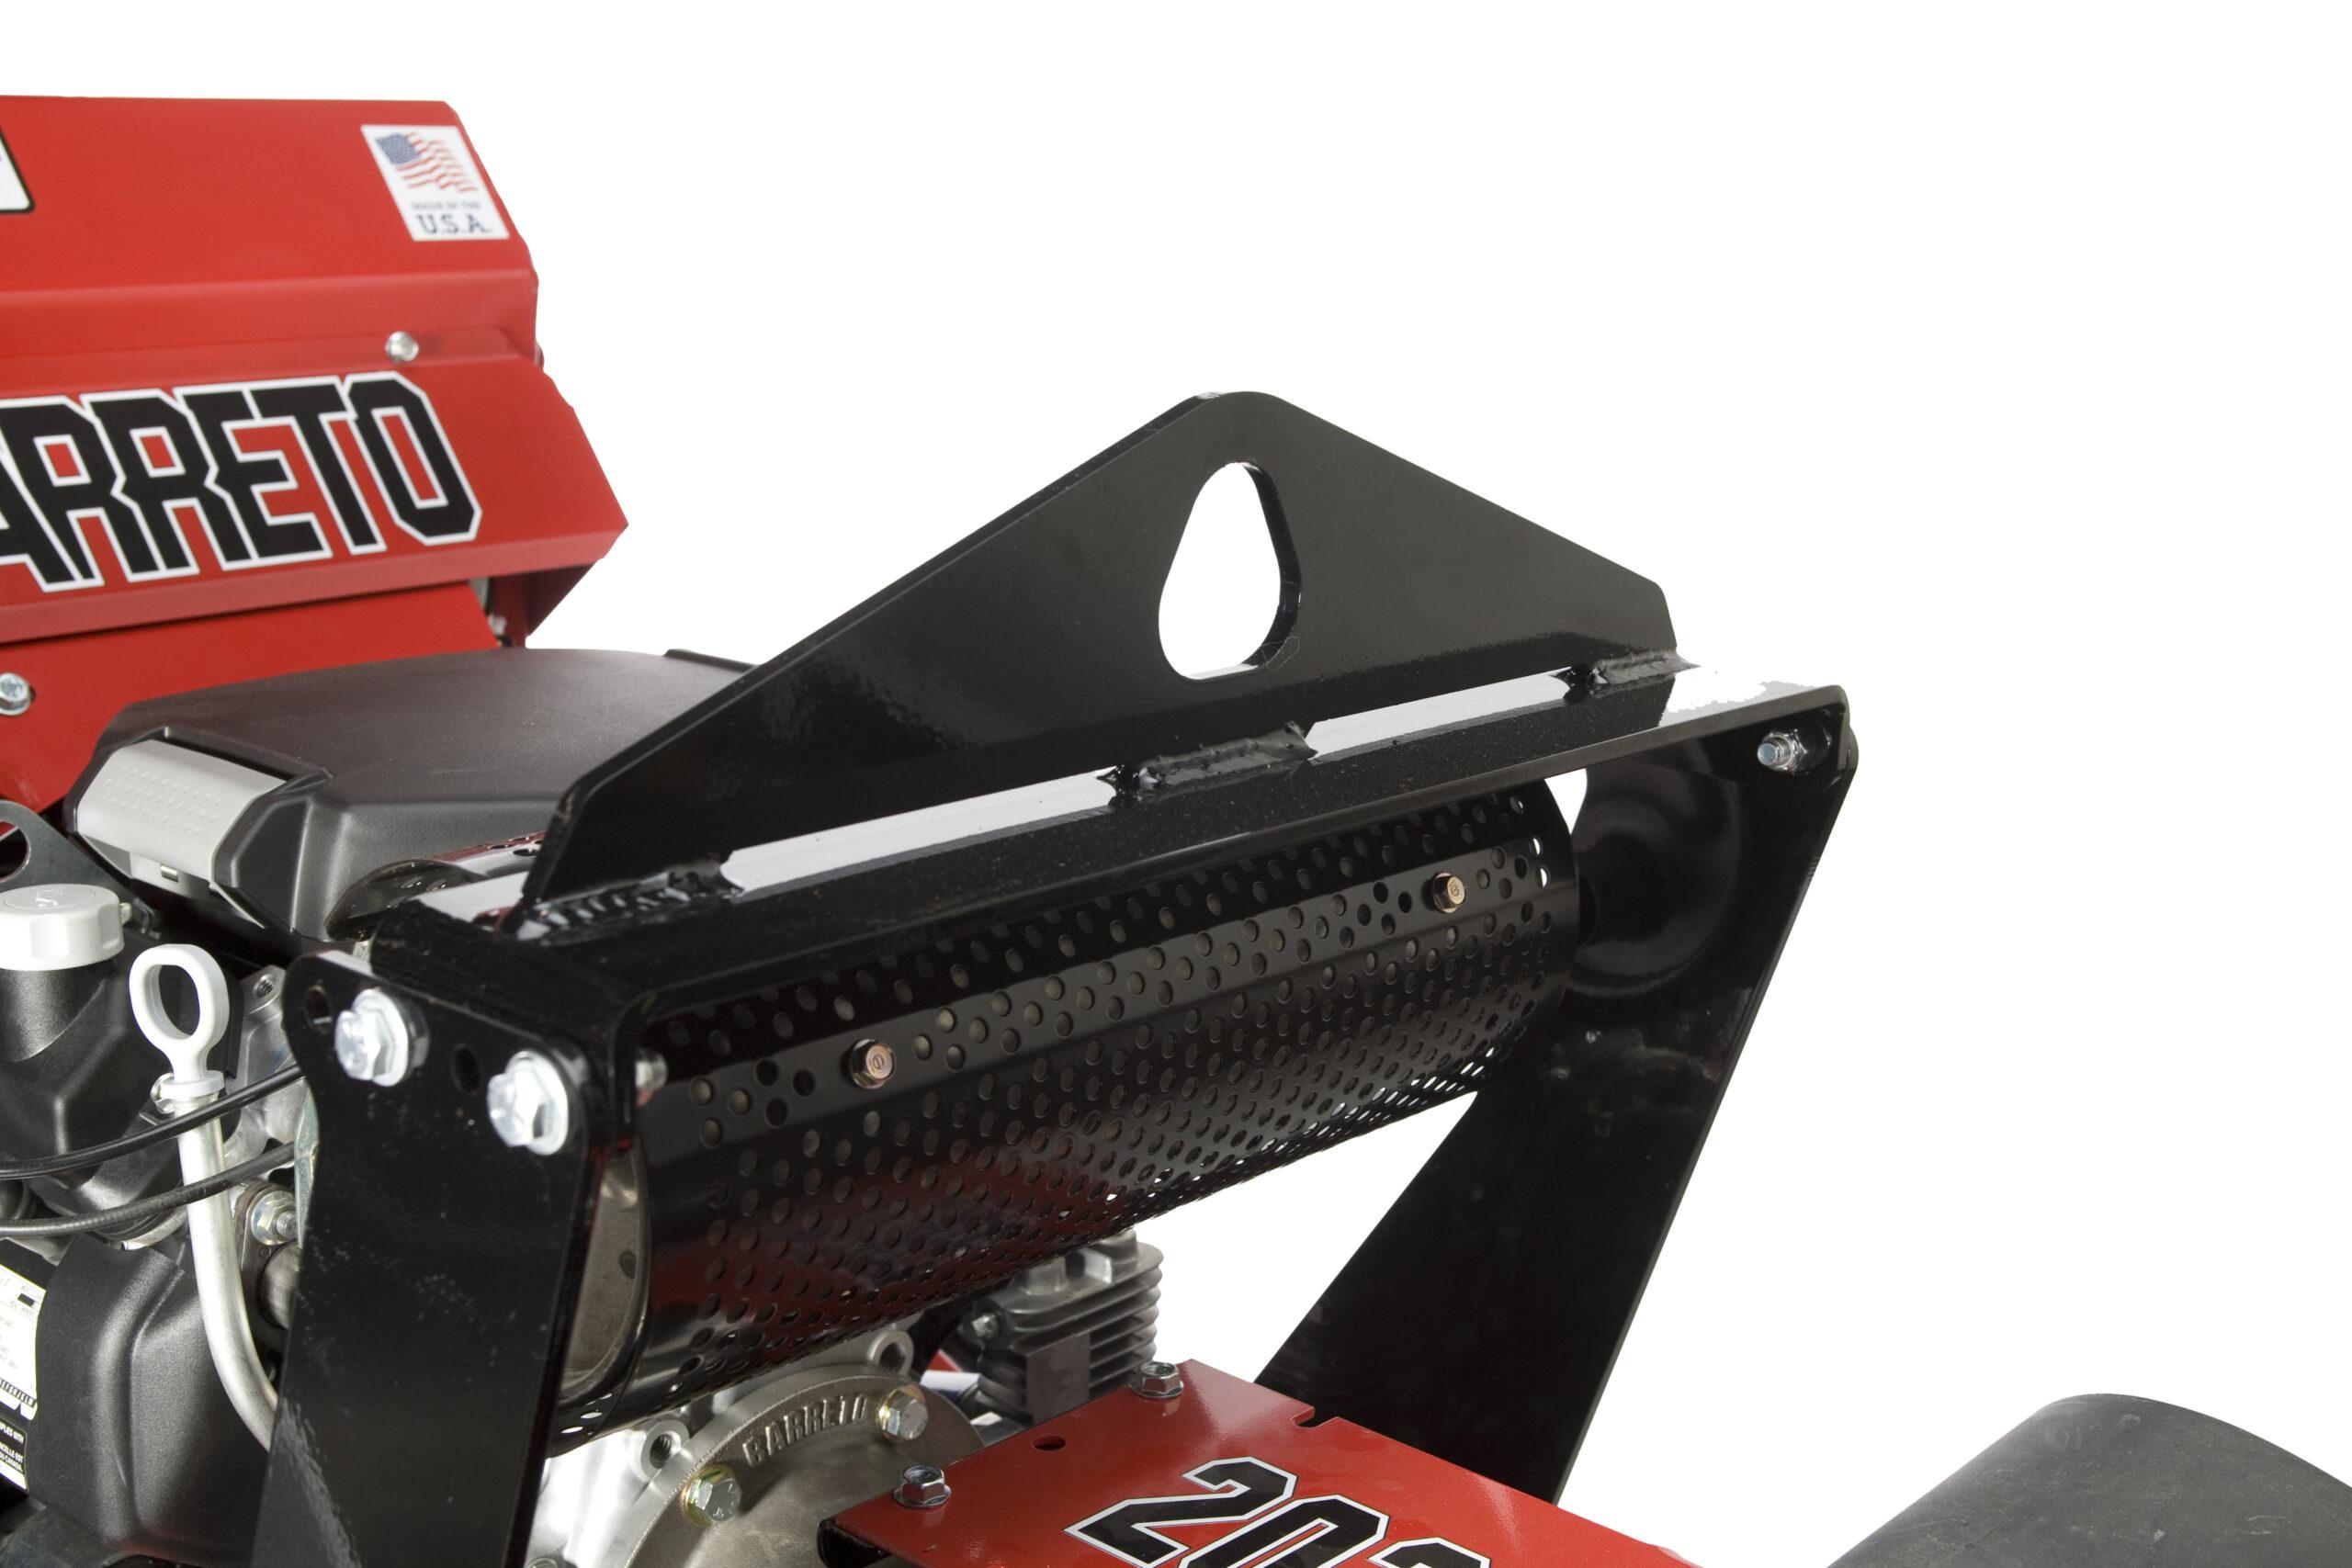 2024TKH Track trencher104